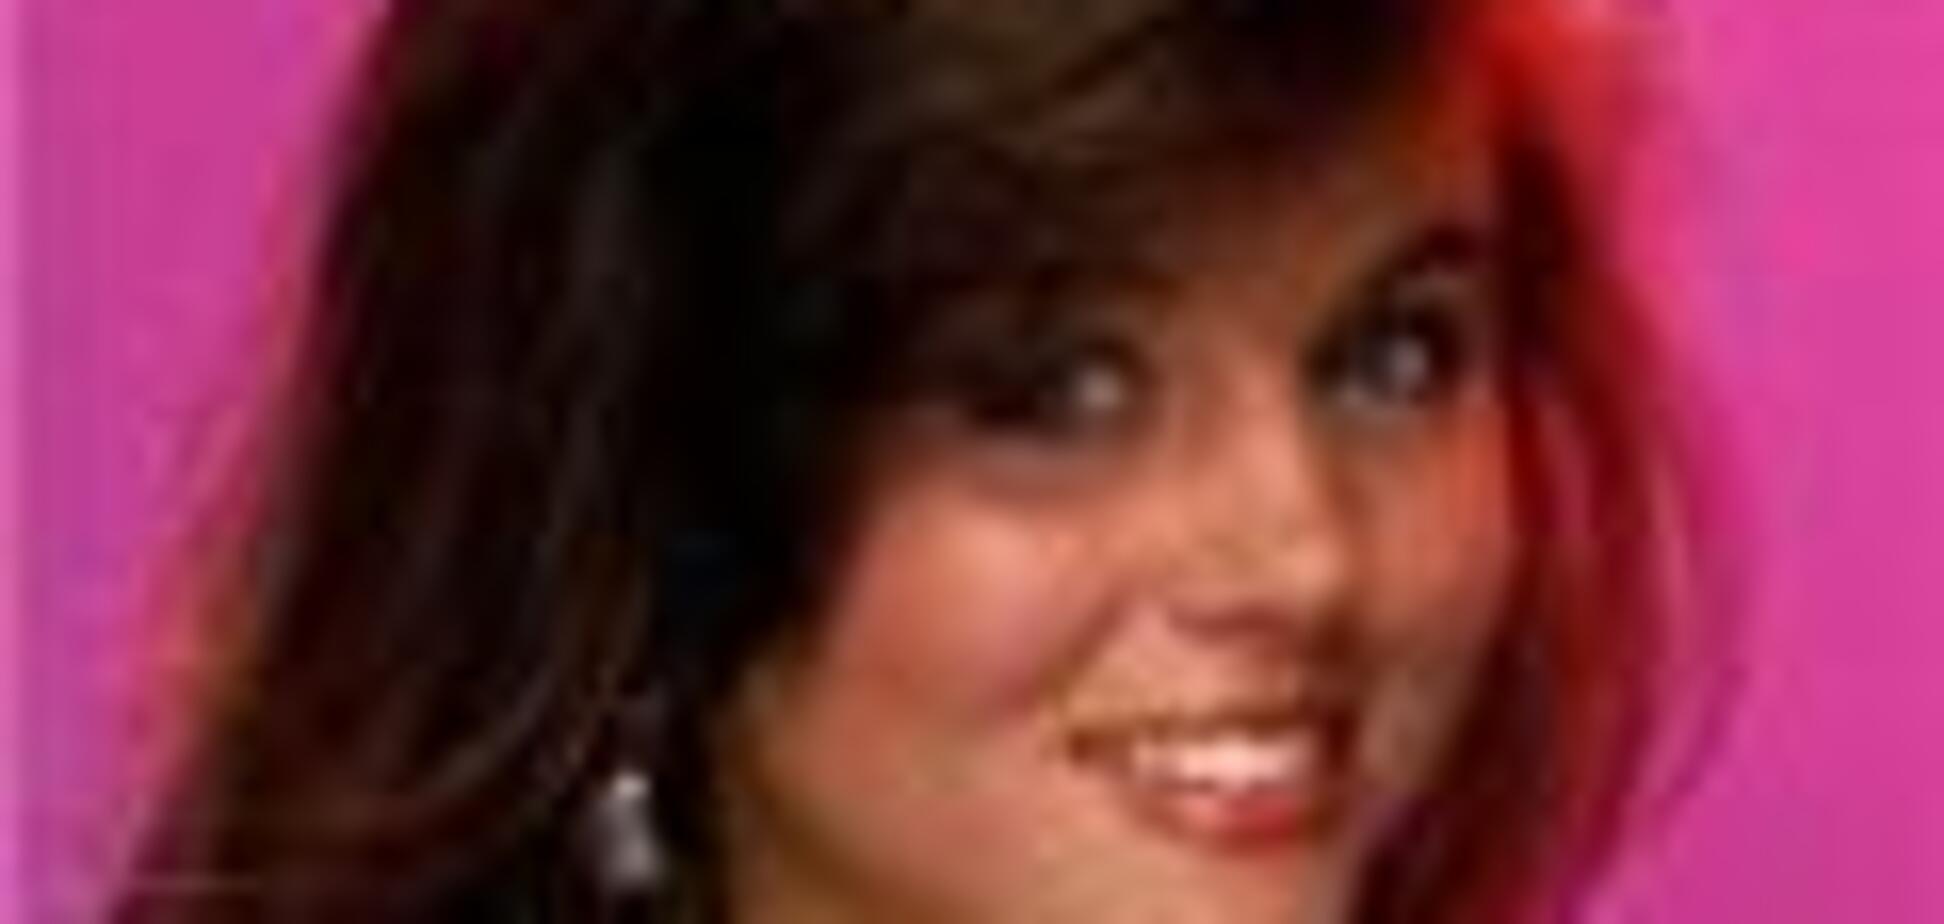 Підла Валері з 'Беверлі Хіллз 90210' та її кльовий ліфчик